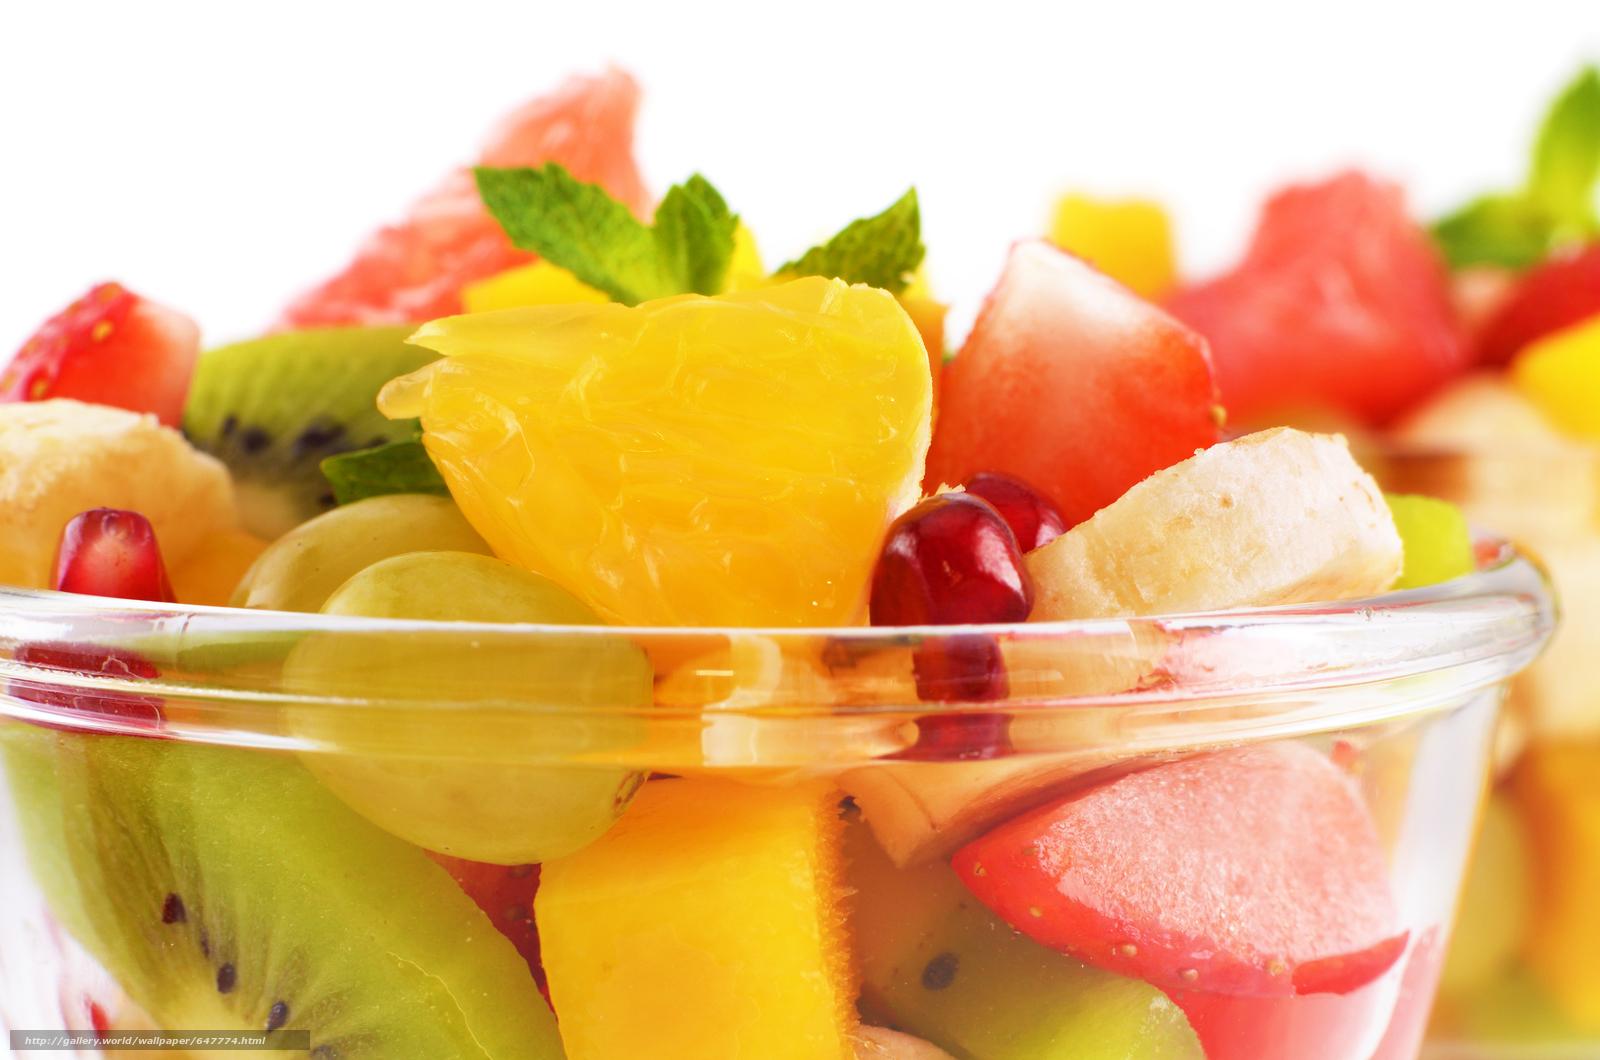 Скачать обои фрукты,  витамины,  еда бесплатно для рабочего стола в разрешении 8000x5298 — картинка №647774